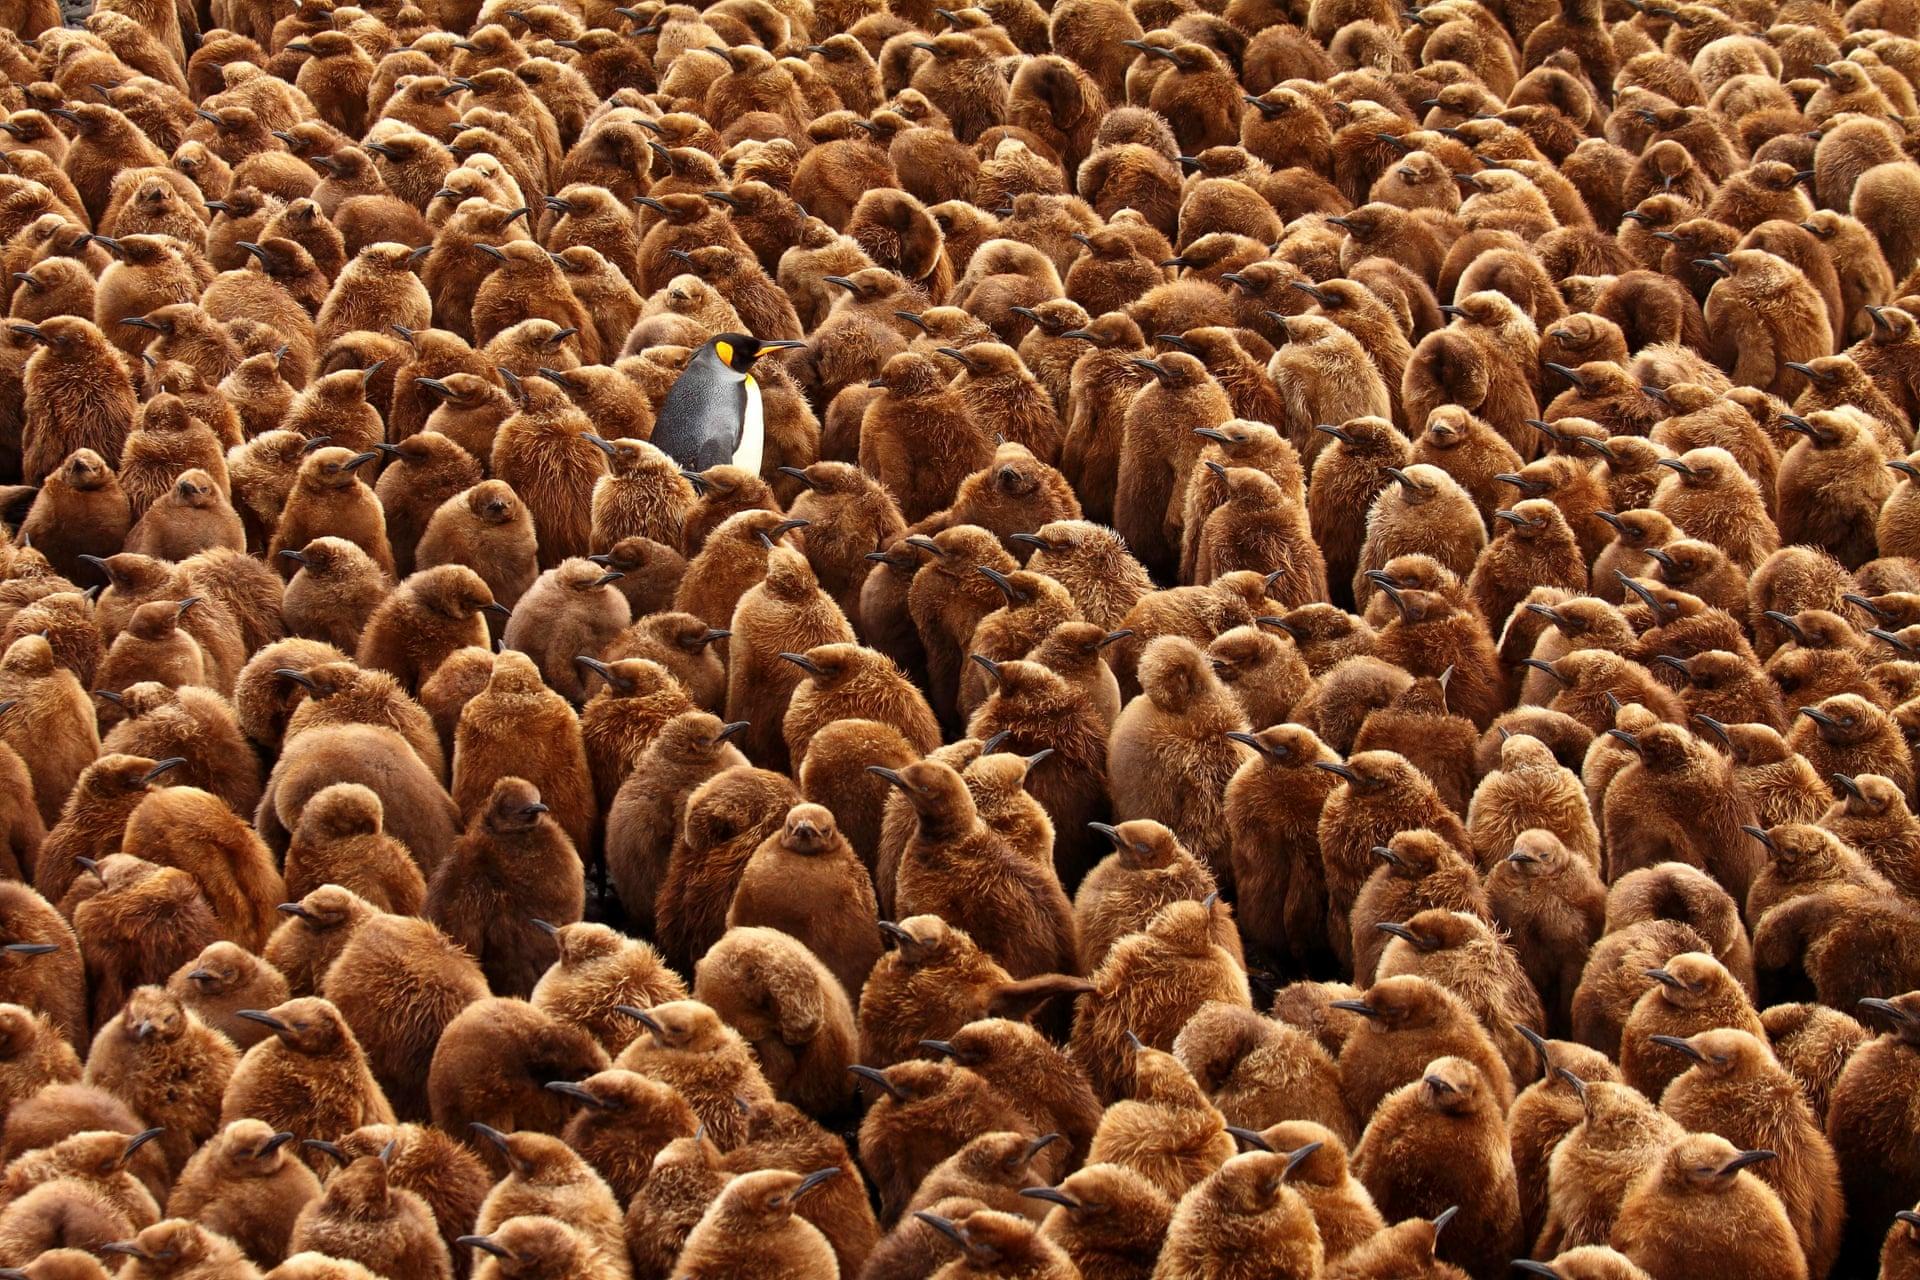 Фото сделано наострове Марион. Наснимке взрослый королевский пингвин запечатлен вокружении птенцов. Виды, которые обитают наостровах Субантакртики, страдают отсмещения океанических фронтов, где они добывают пропитание — это происходит из-за глобального потепления исвязанных сним изменений климата.